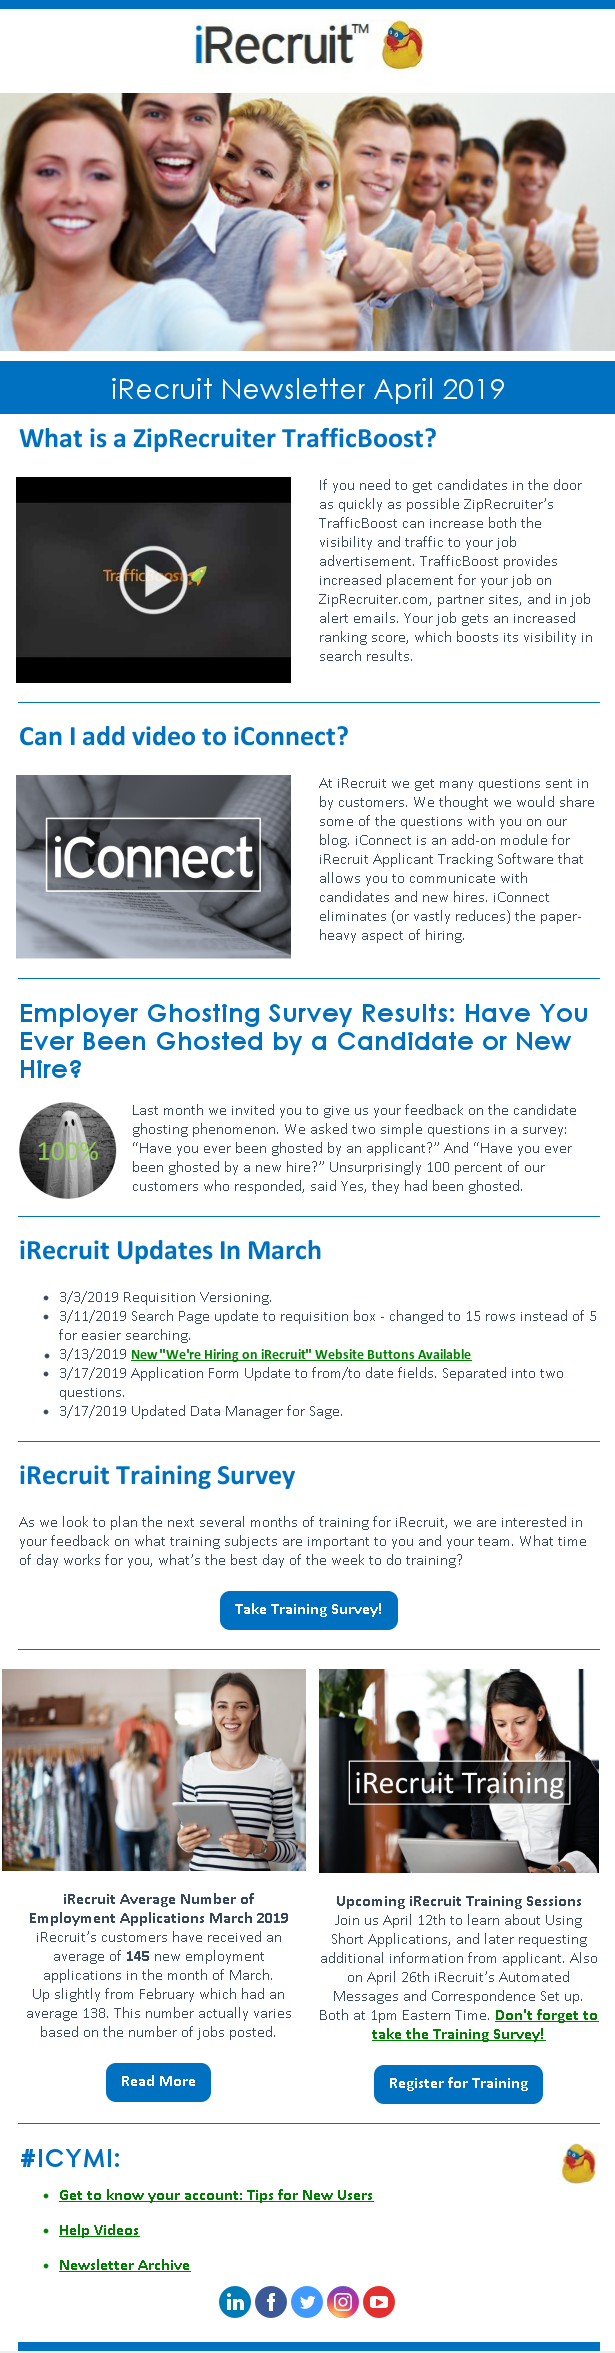 iRecruit Customer Newsletter April 2019